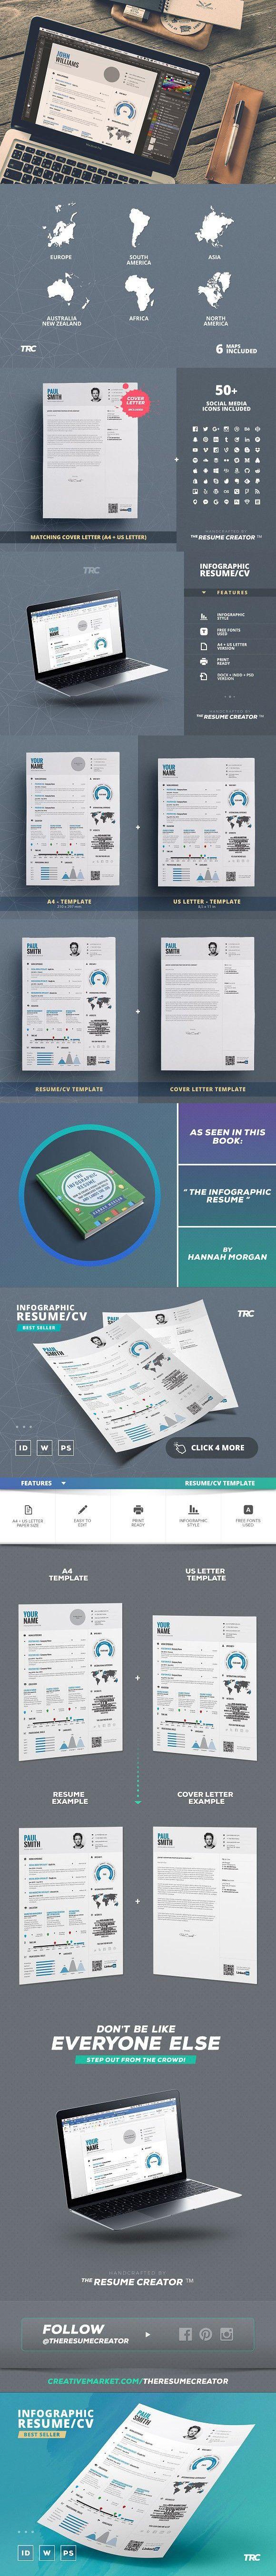 Interactive Cv Templates%0A Infographic Resume Cv Template Vol